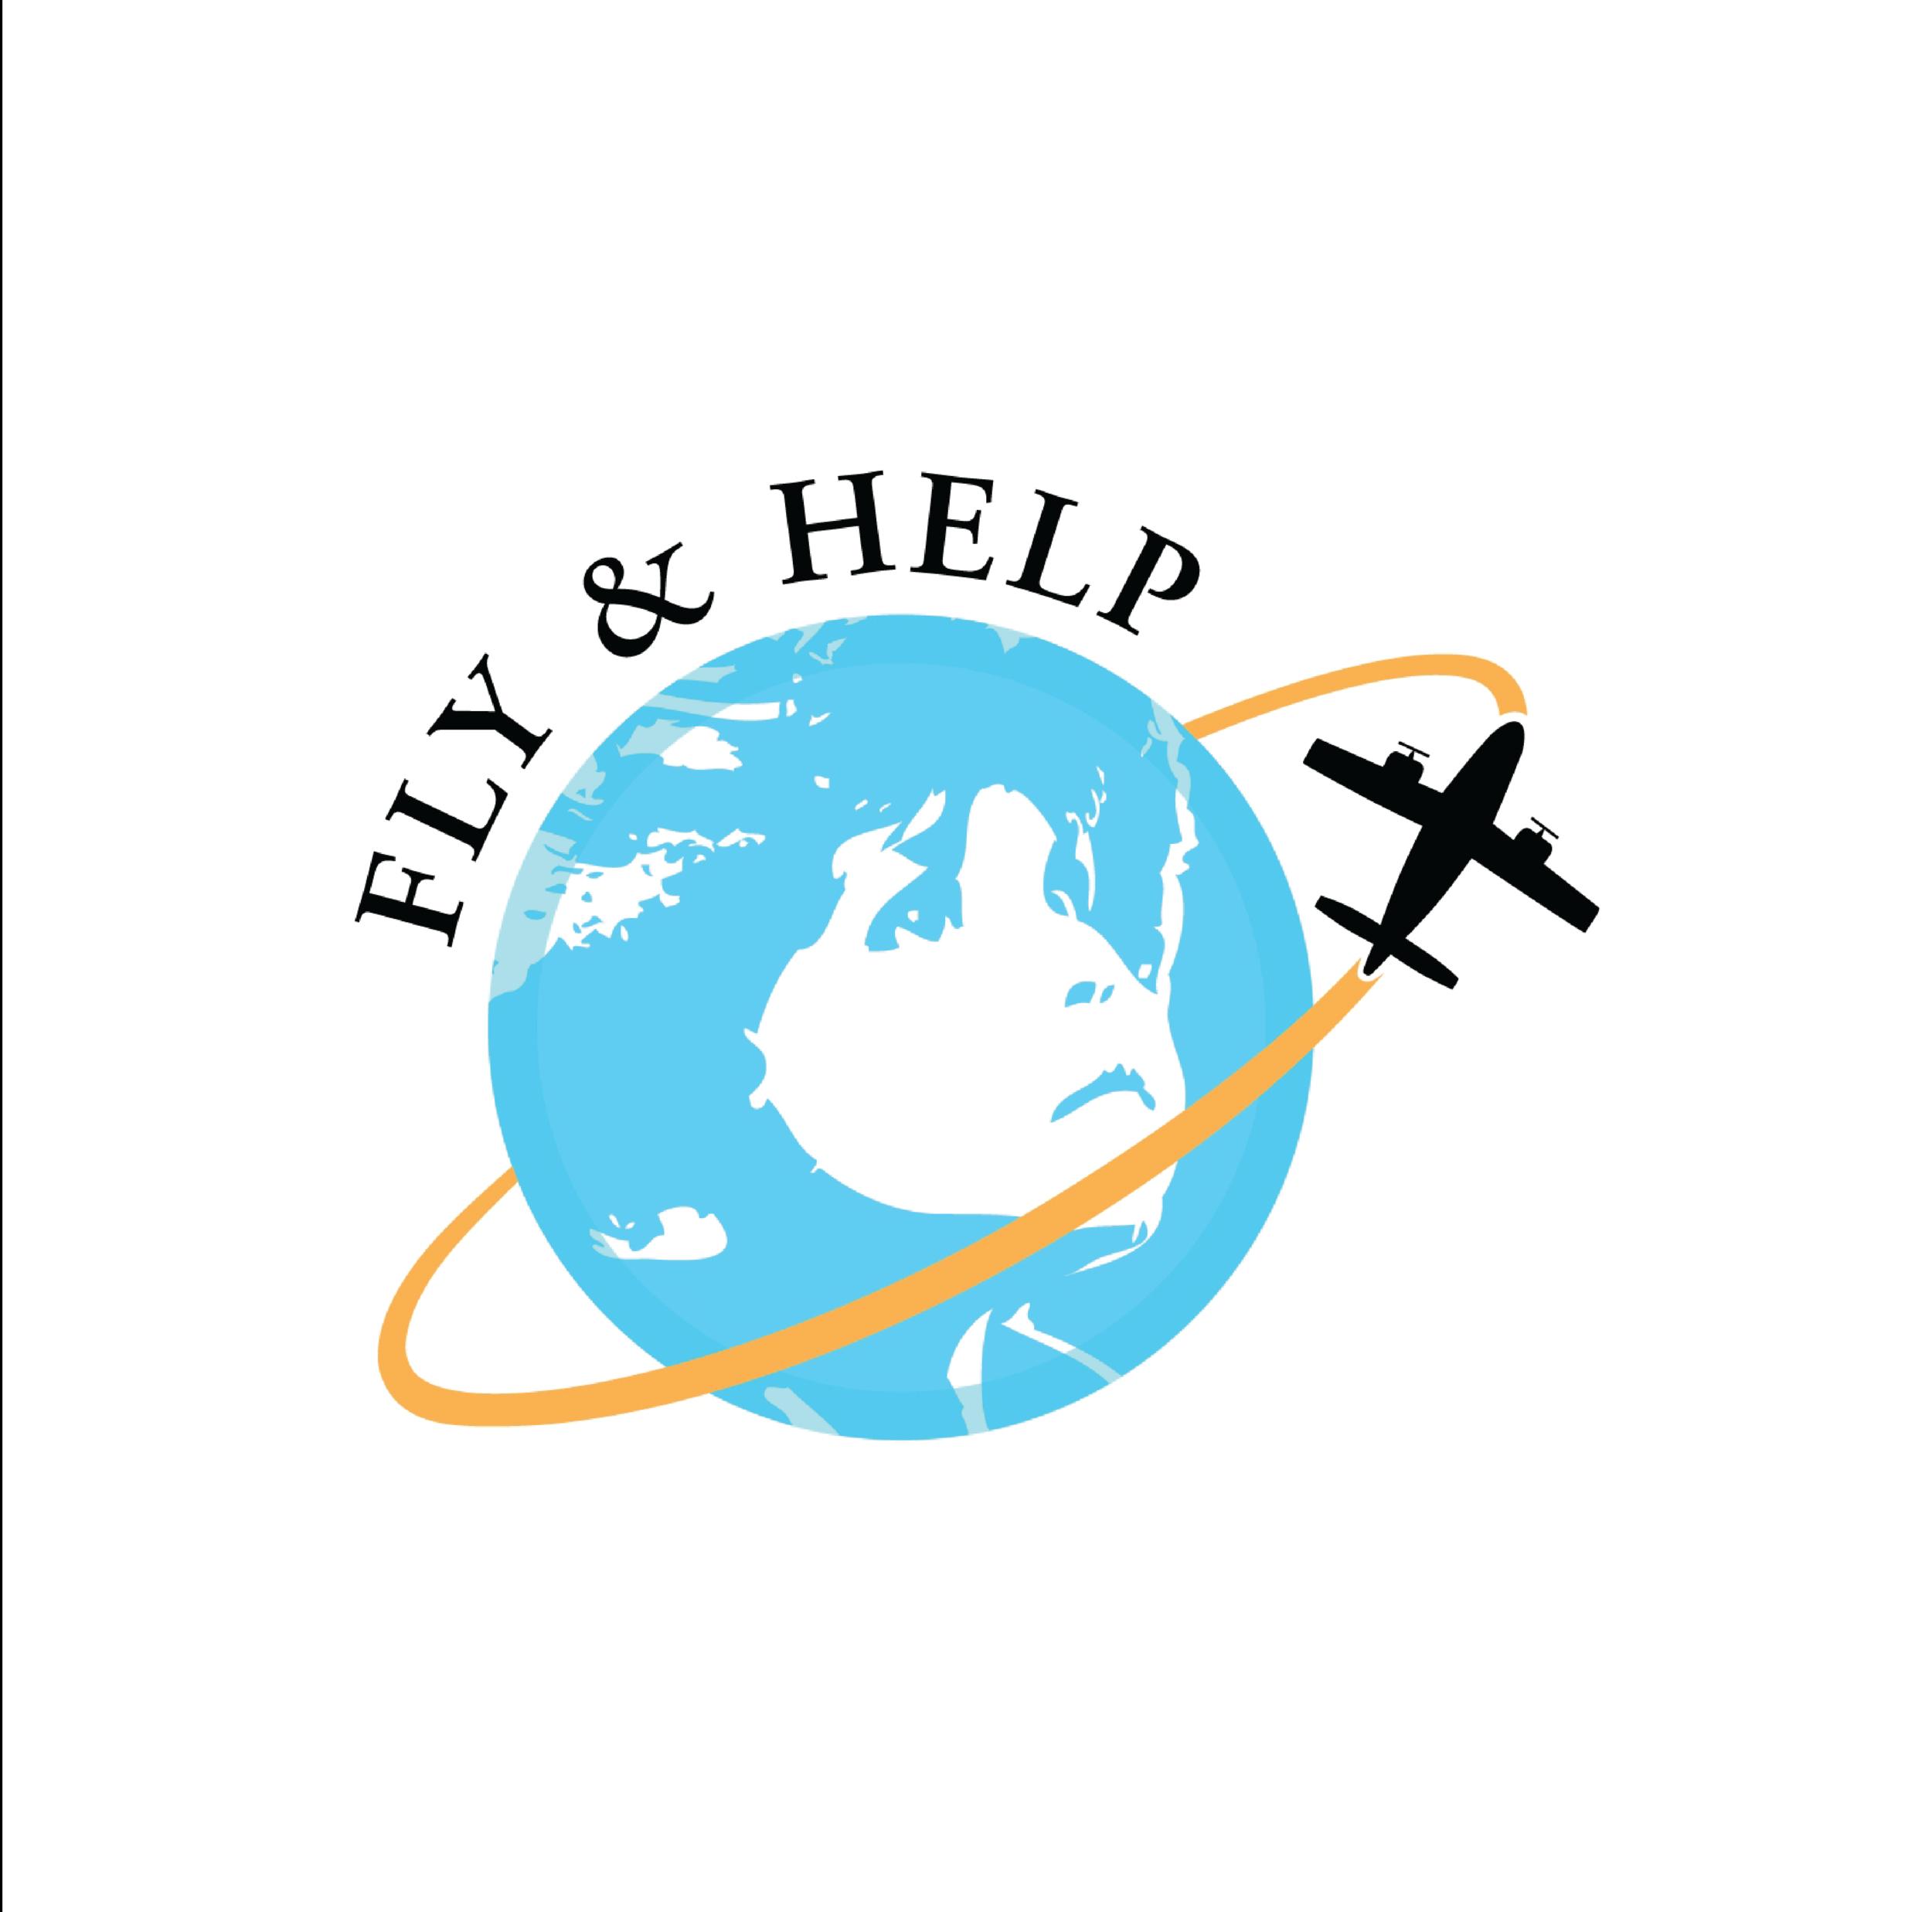 Dank der Unterstützung der Reiner Meutsch Stiftung Fly & Help konnten wir eine  Schule in Manjoro in Sierra Leone  bauen.